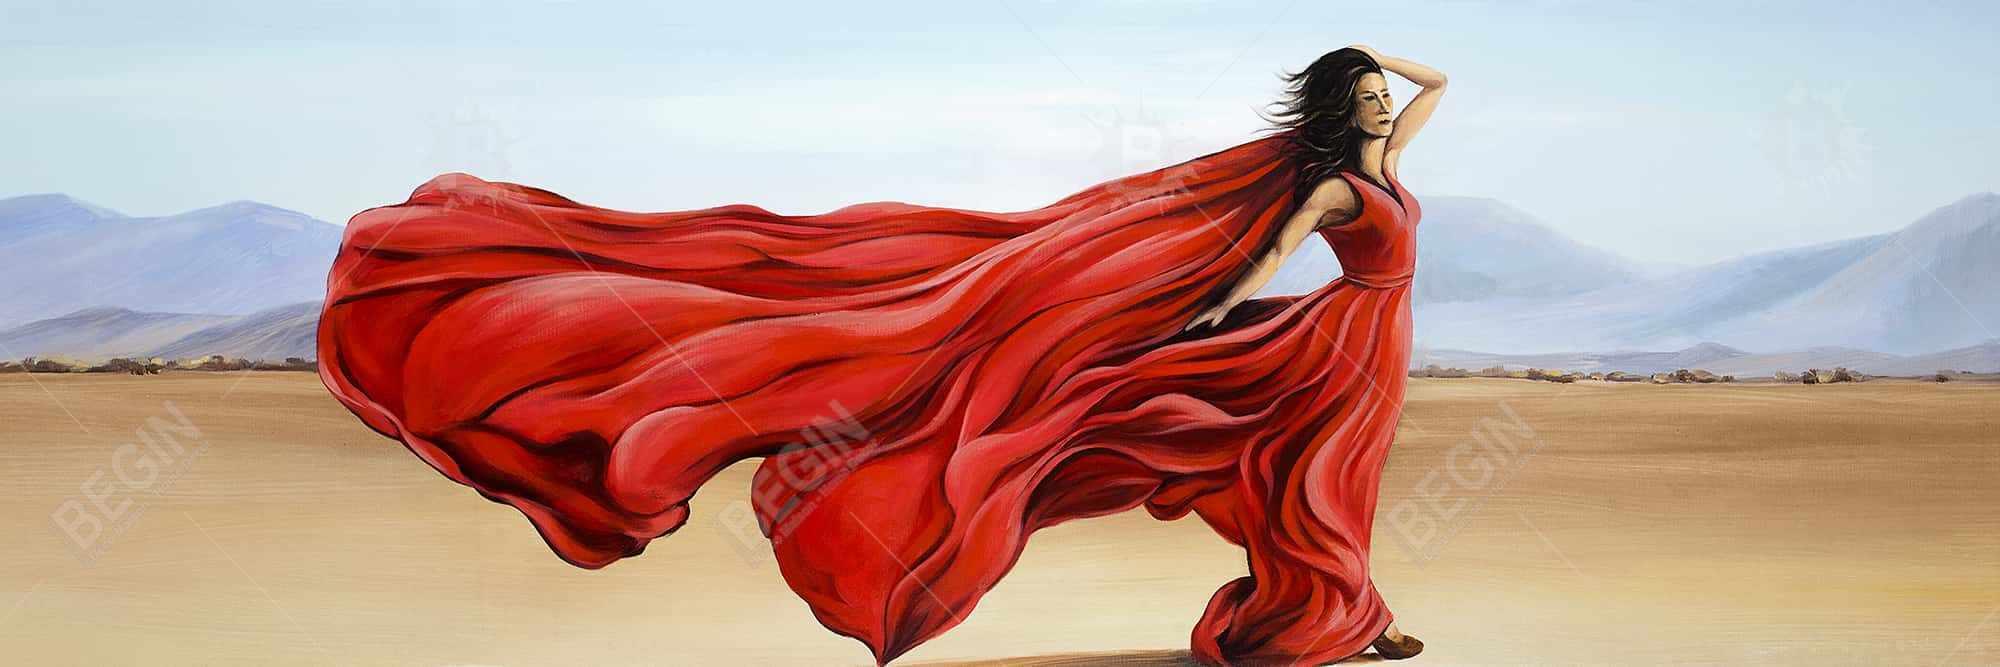 Red dress in the desert